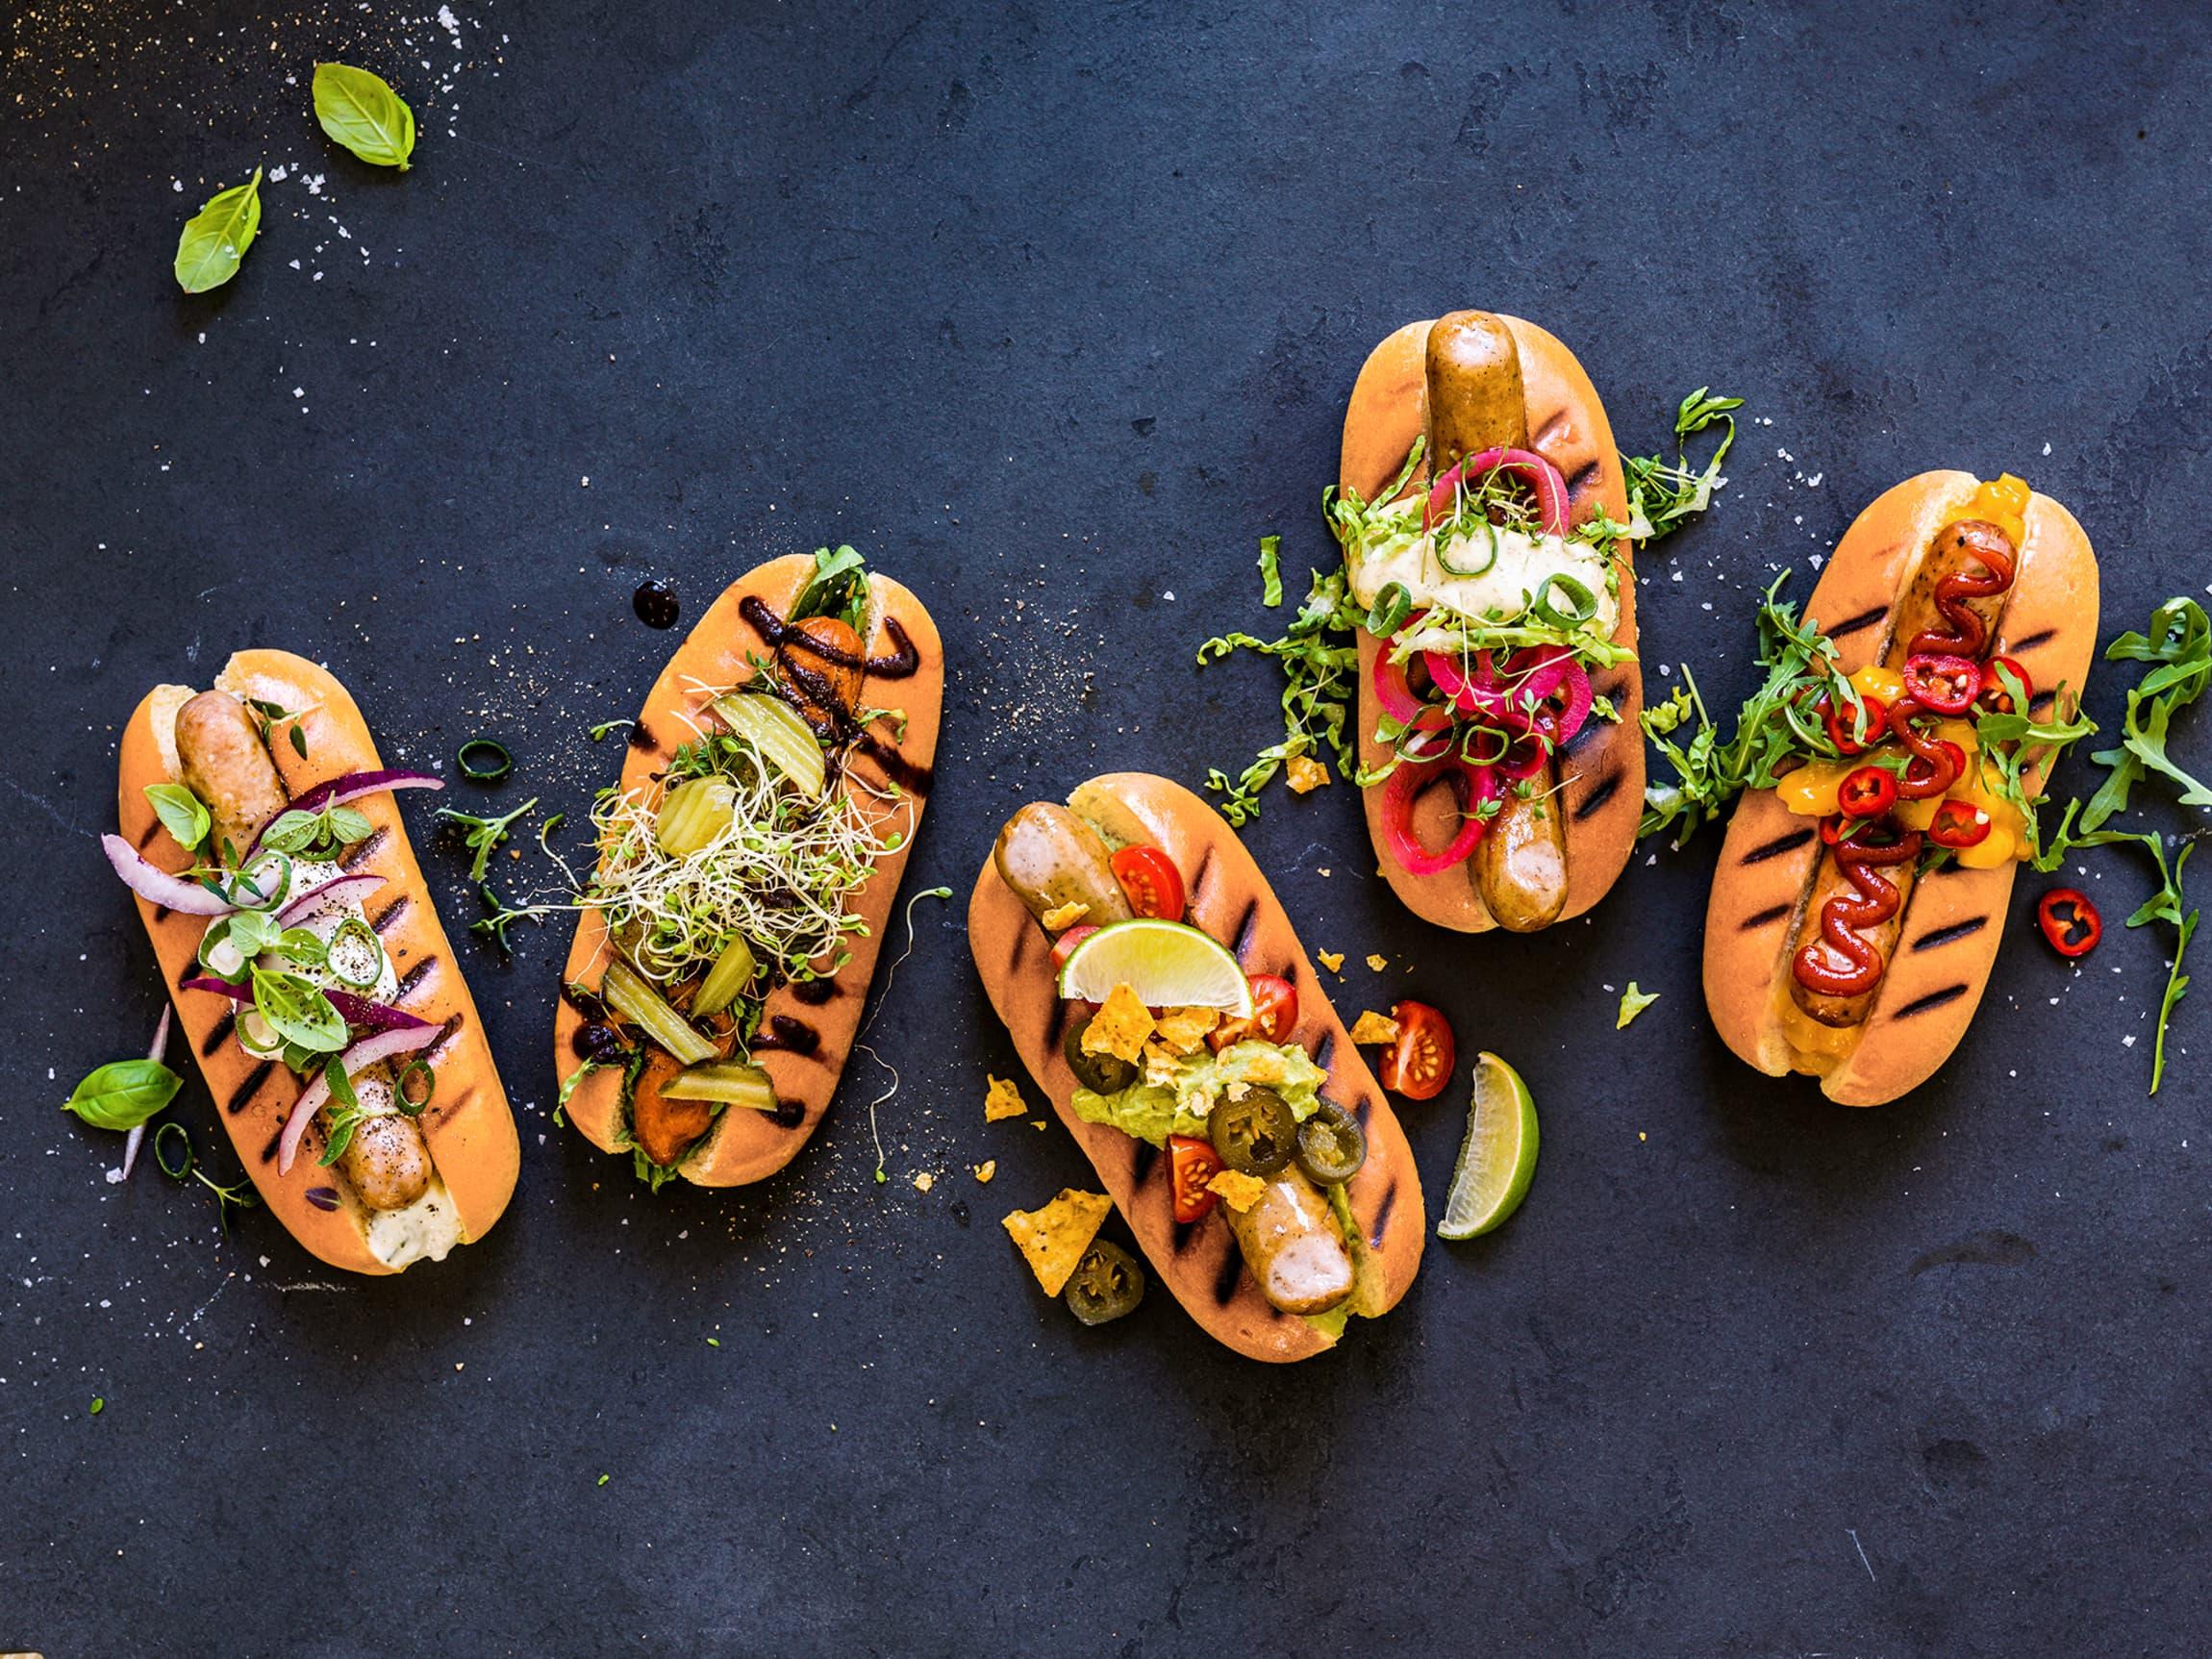 Spennende topping, friske grønnsaker og gode sauser løfter en enkel pølse til nye høyder!